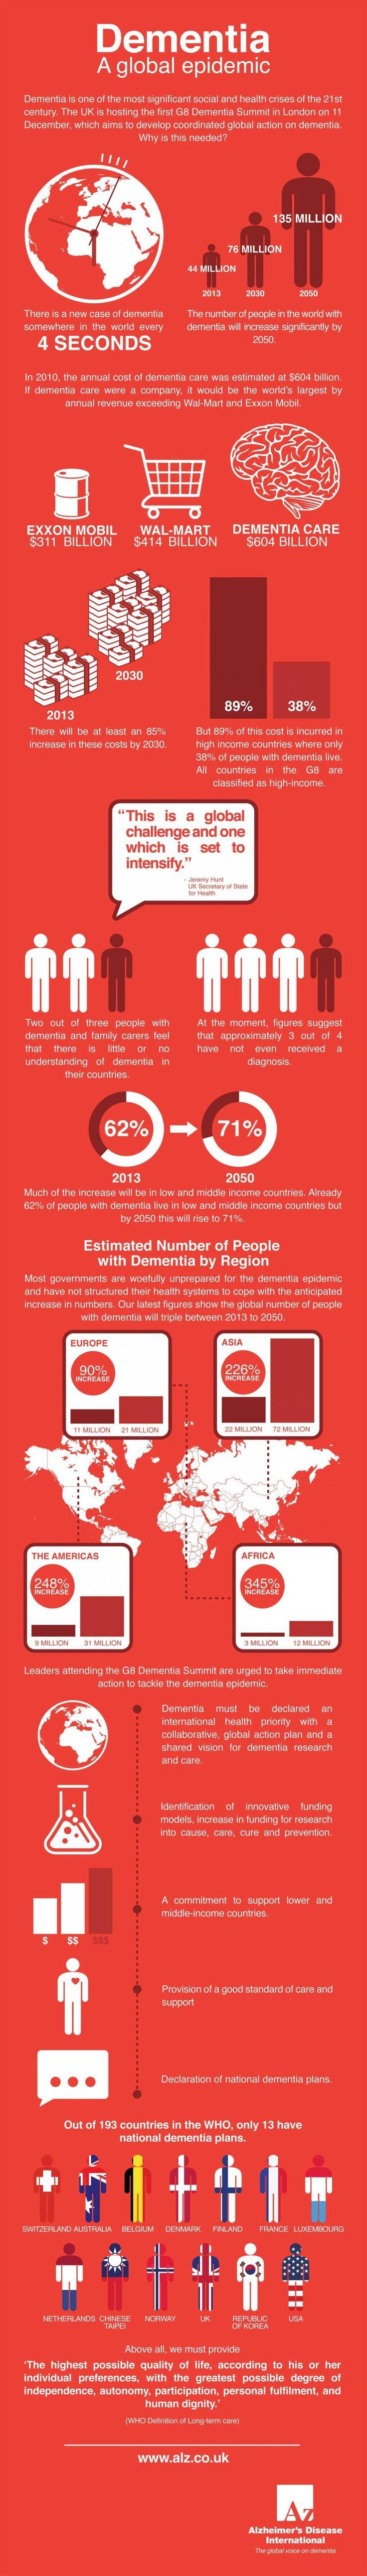 Dementia - a global epidemic